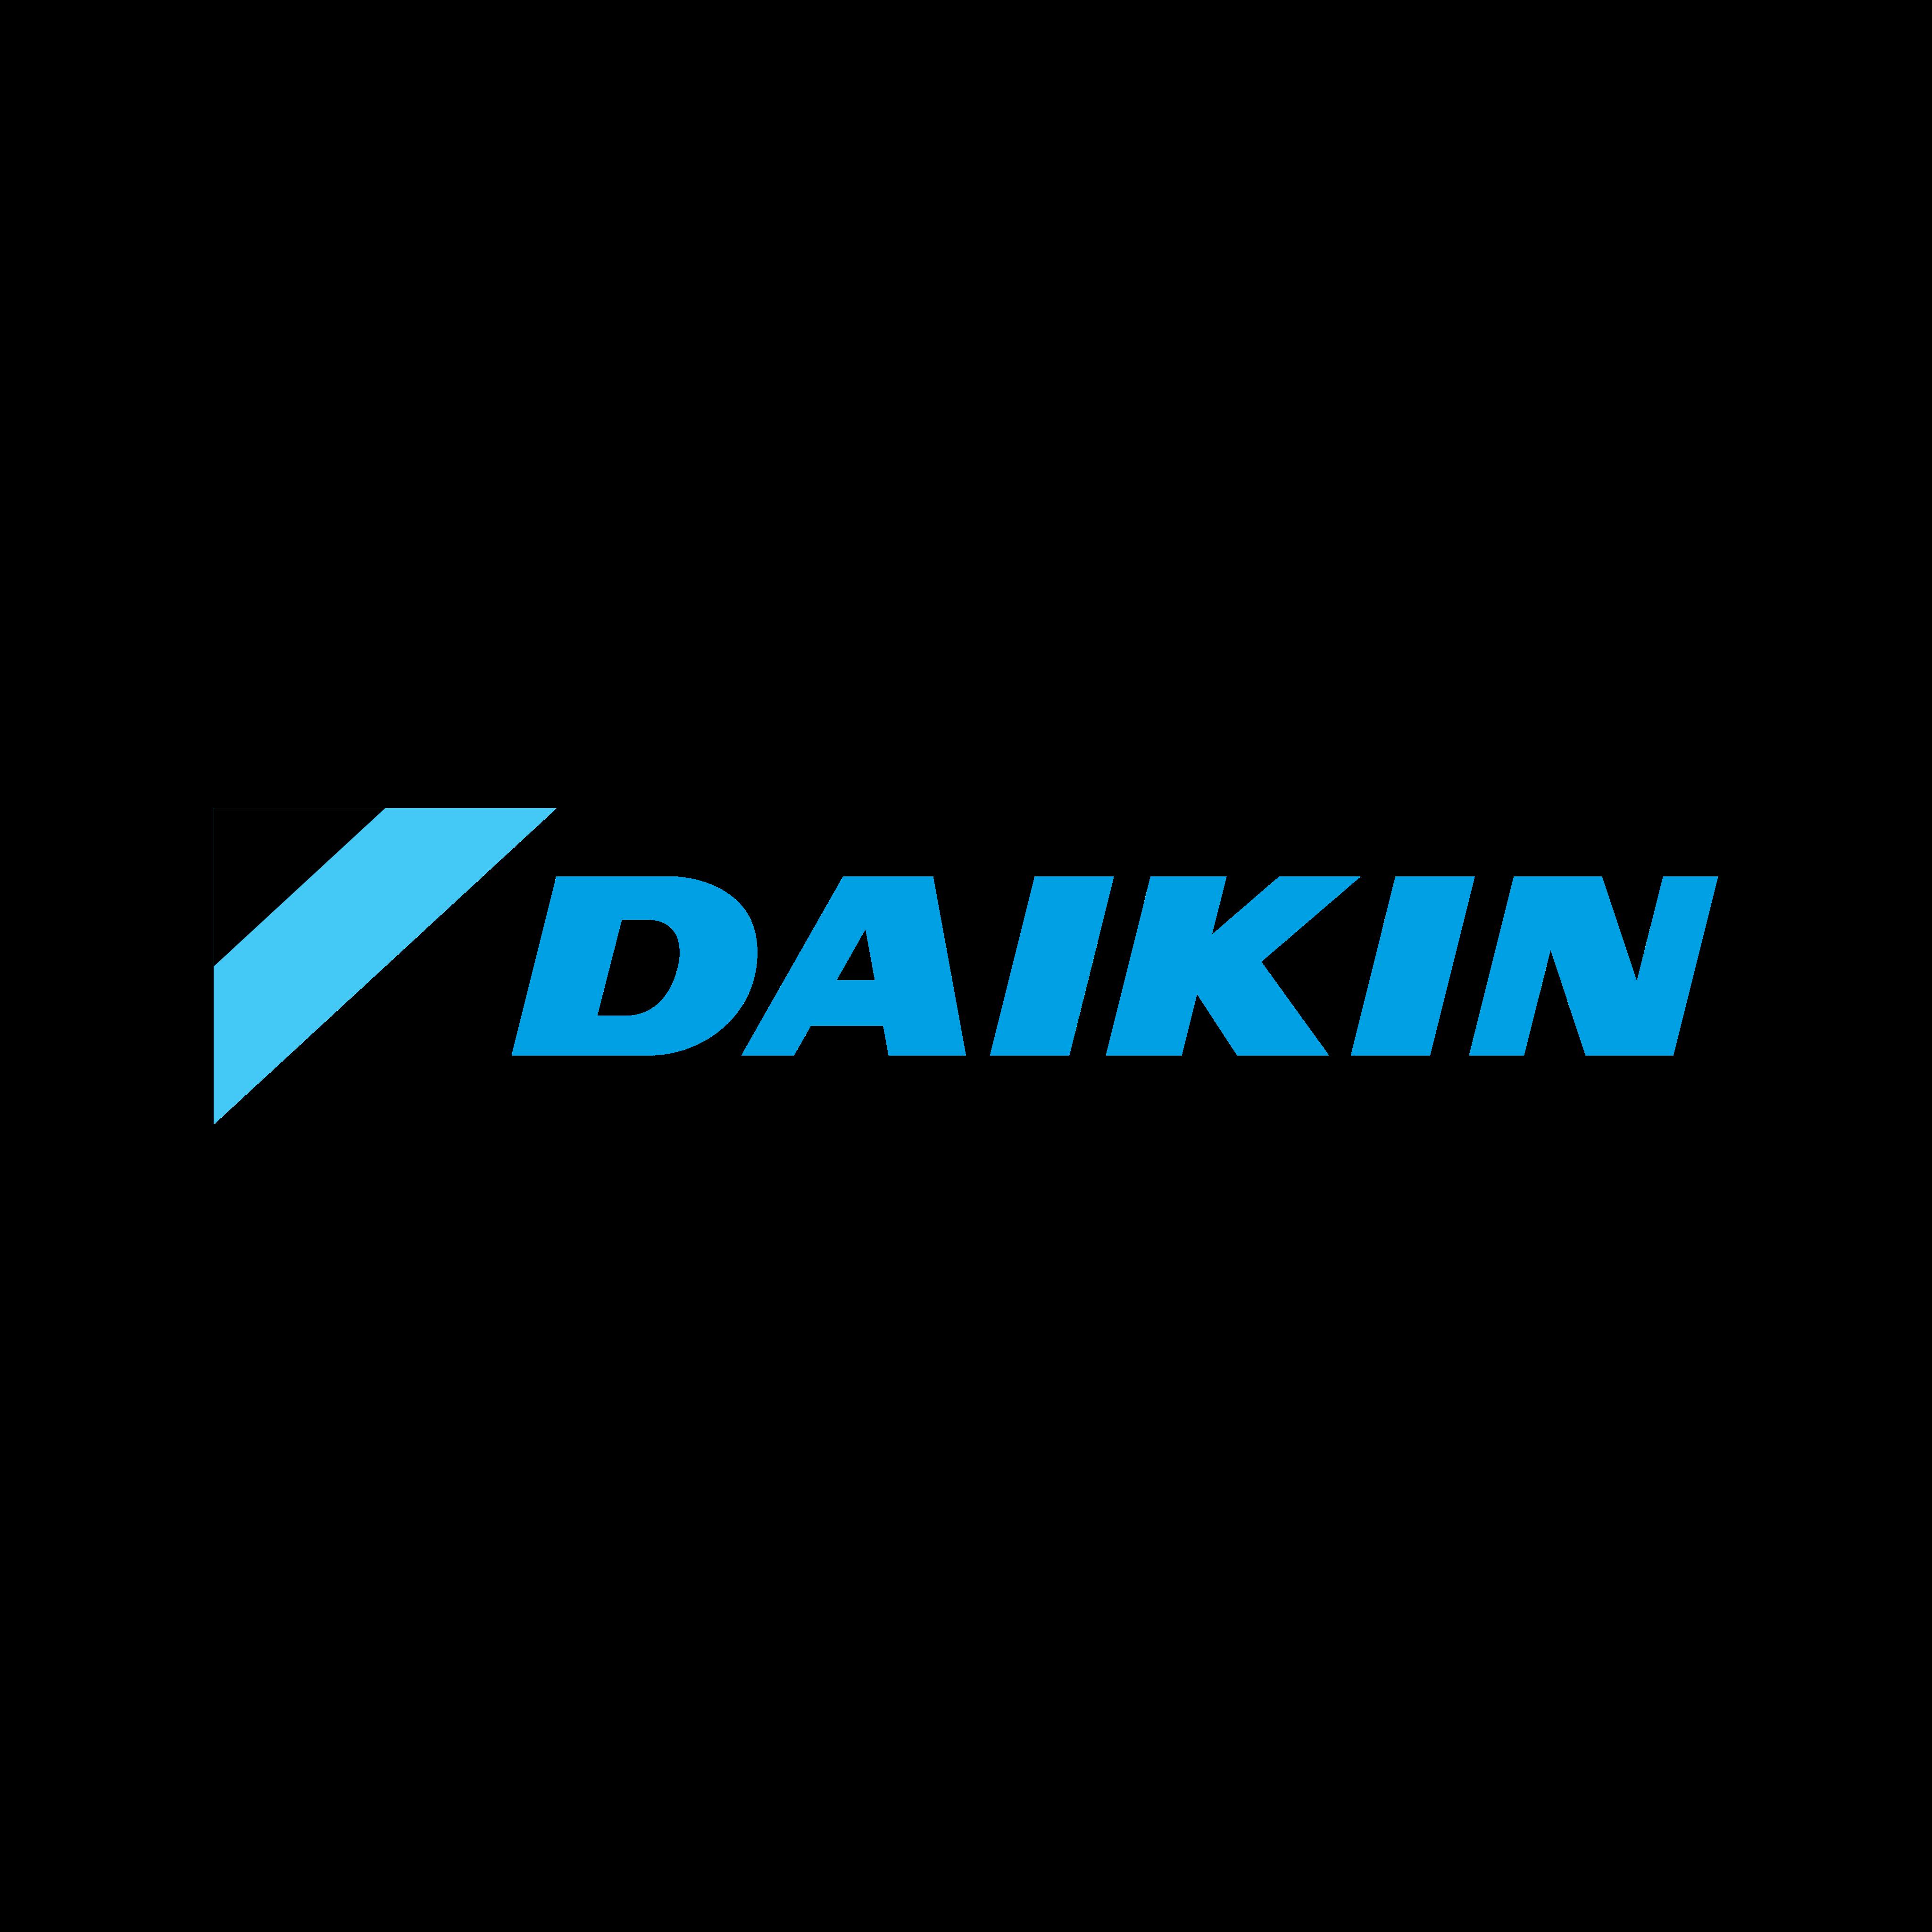 daikin logo 0 - Daikin Logo